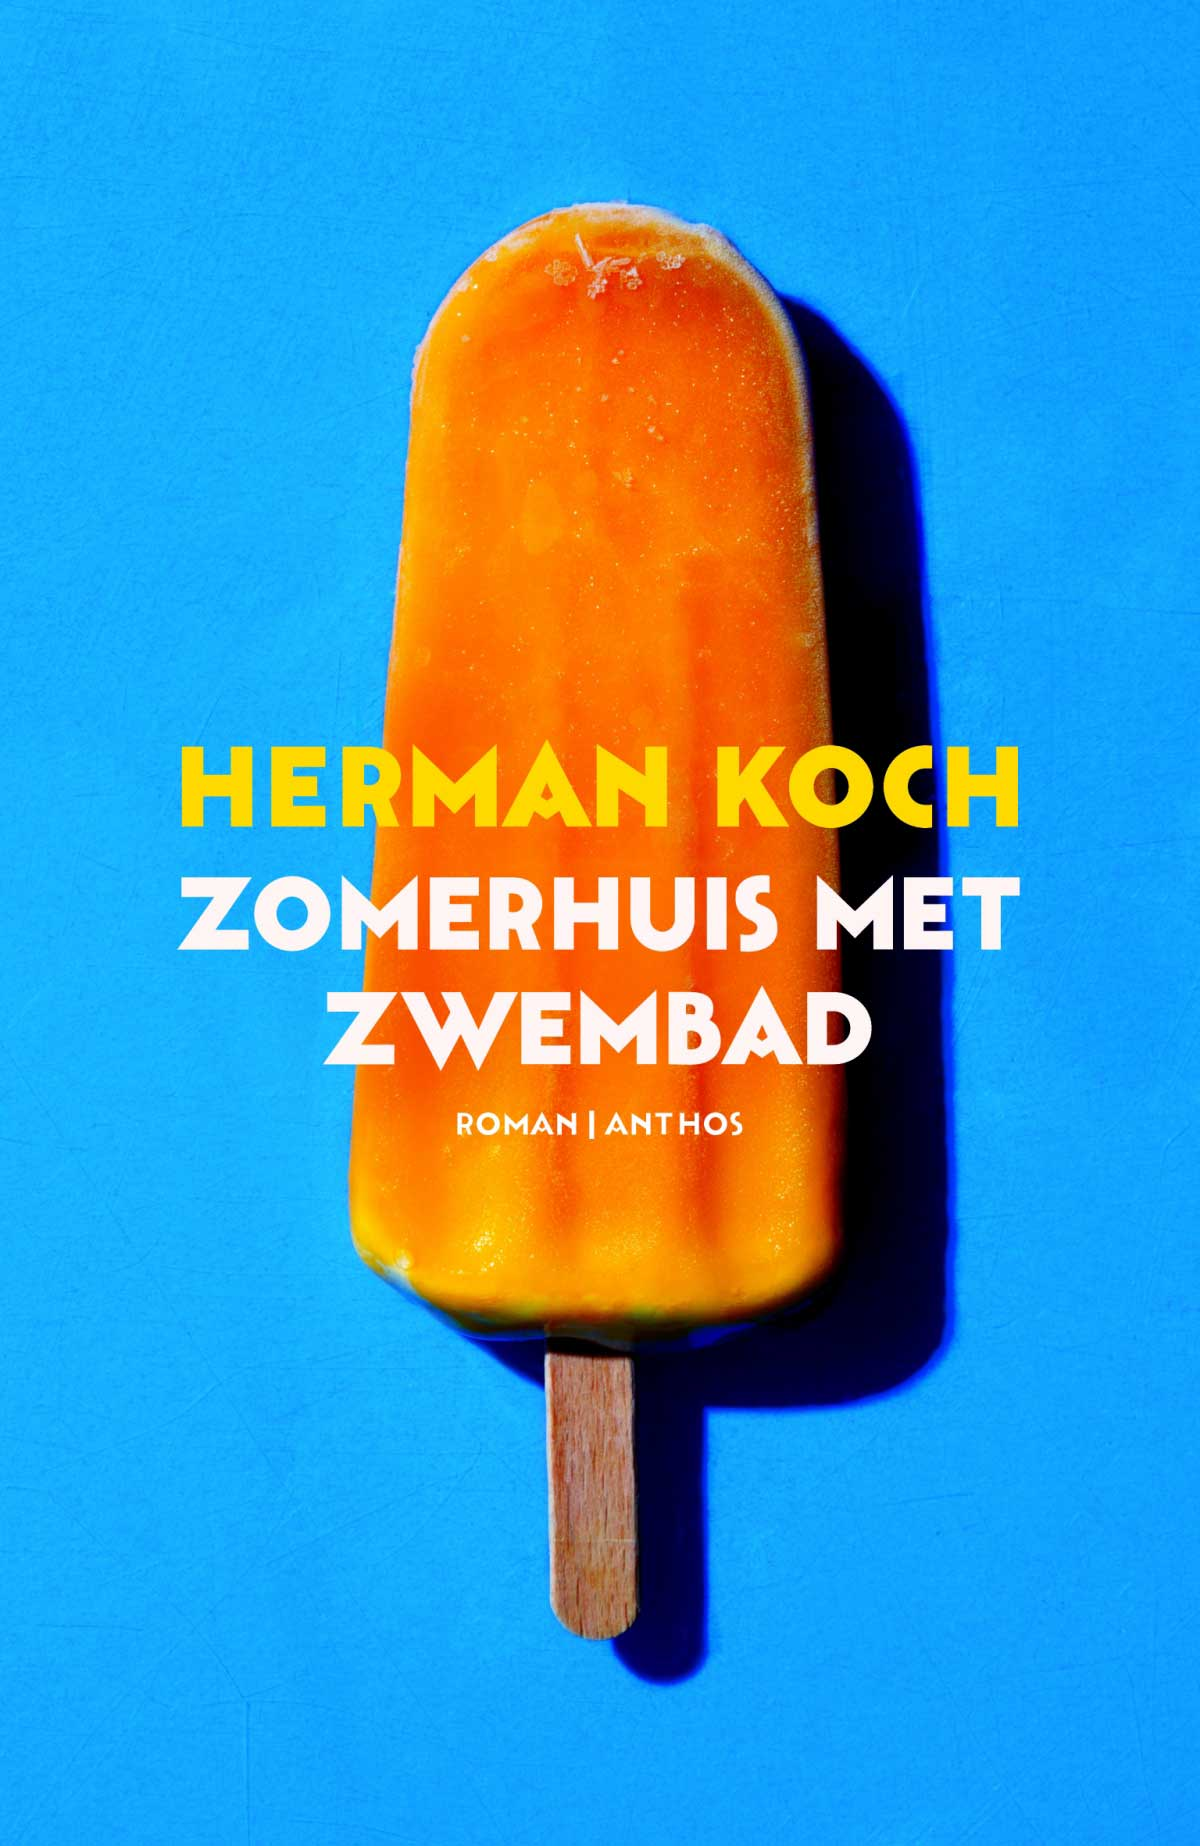 https://pratenoverromanfragmenten.nl/wp-content/uploads/2015/12/Voorpagina-9-Zomerhuis-met-zwembad.jpg